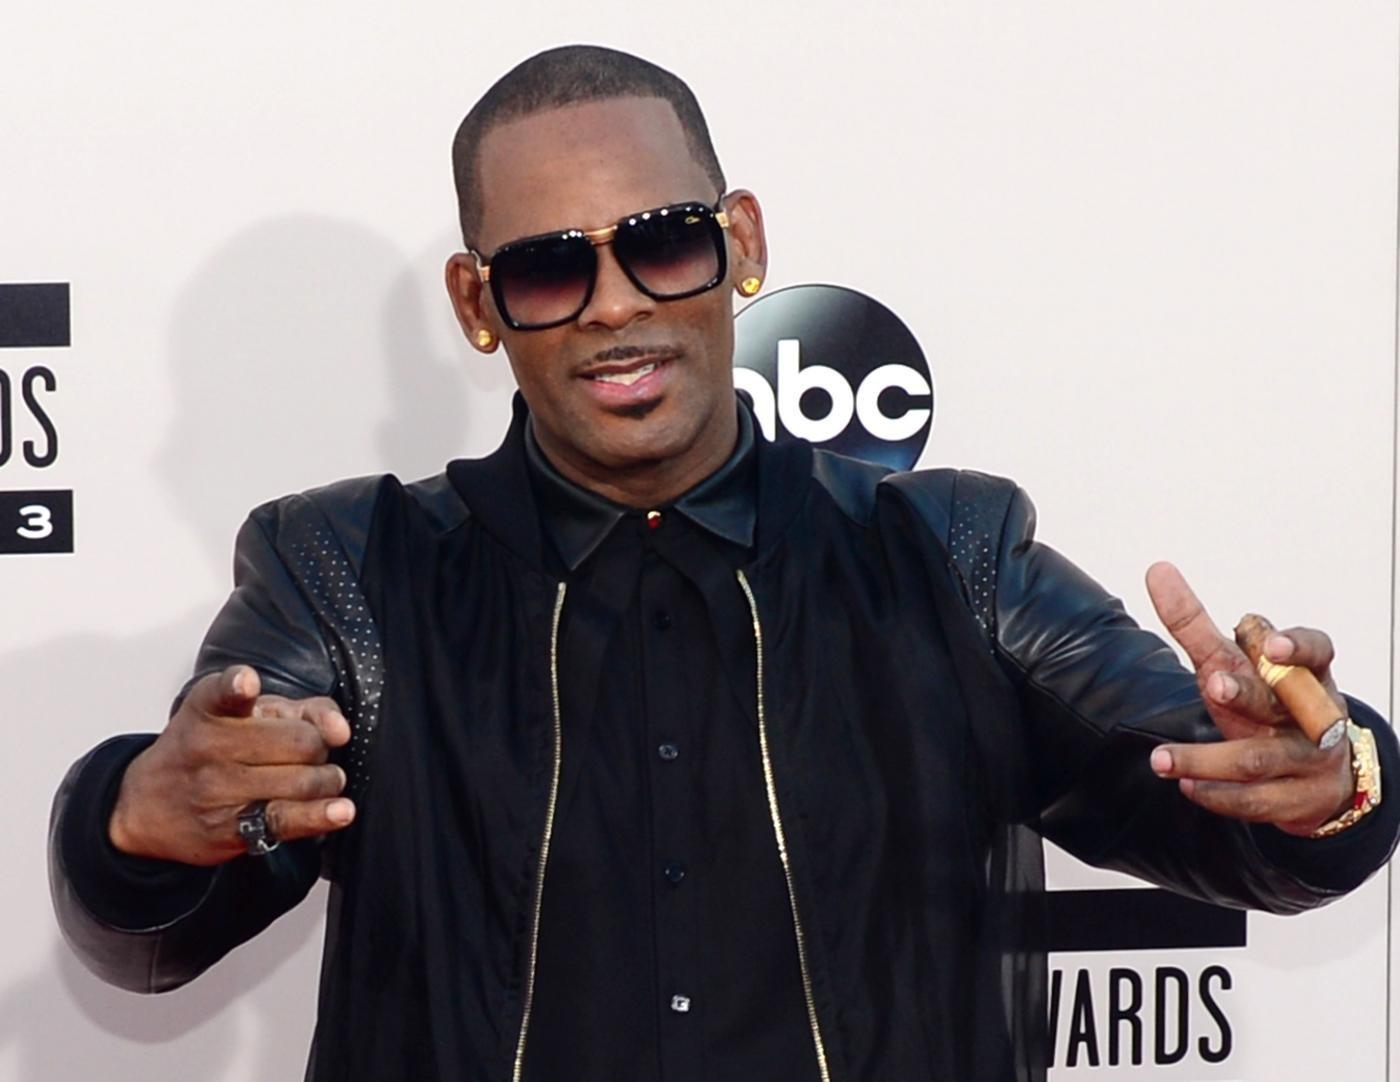 R. Kelly incriminato per dieci casi di abusi sessuali